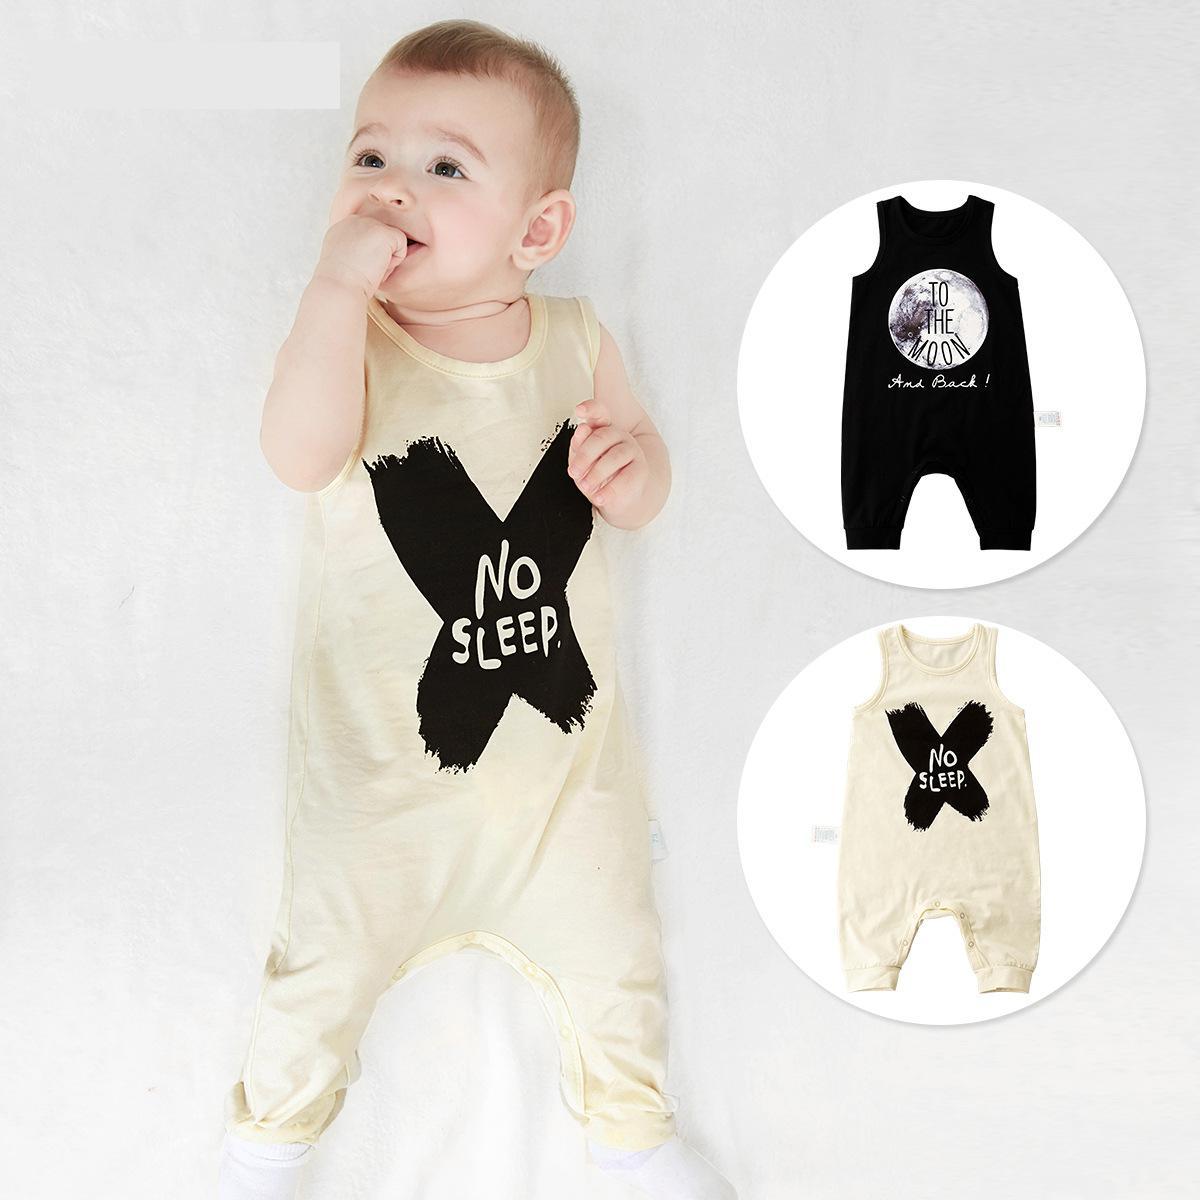 Legal Roupas Recém-nascidos Meninos Bebê Roupas de Bebê Recém-nascidos de Verão Aberto Jumpsuits Colete Bebê Menino Romper Roupa Infantil Criança